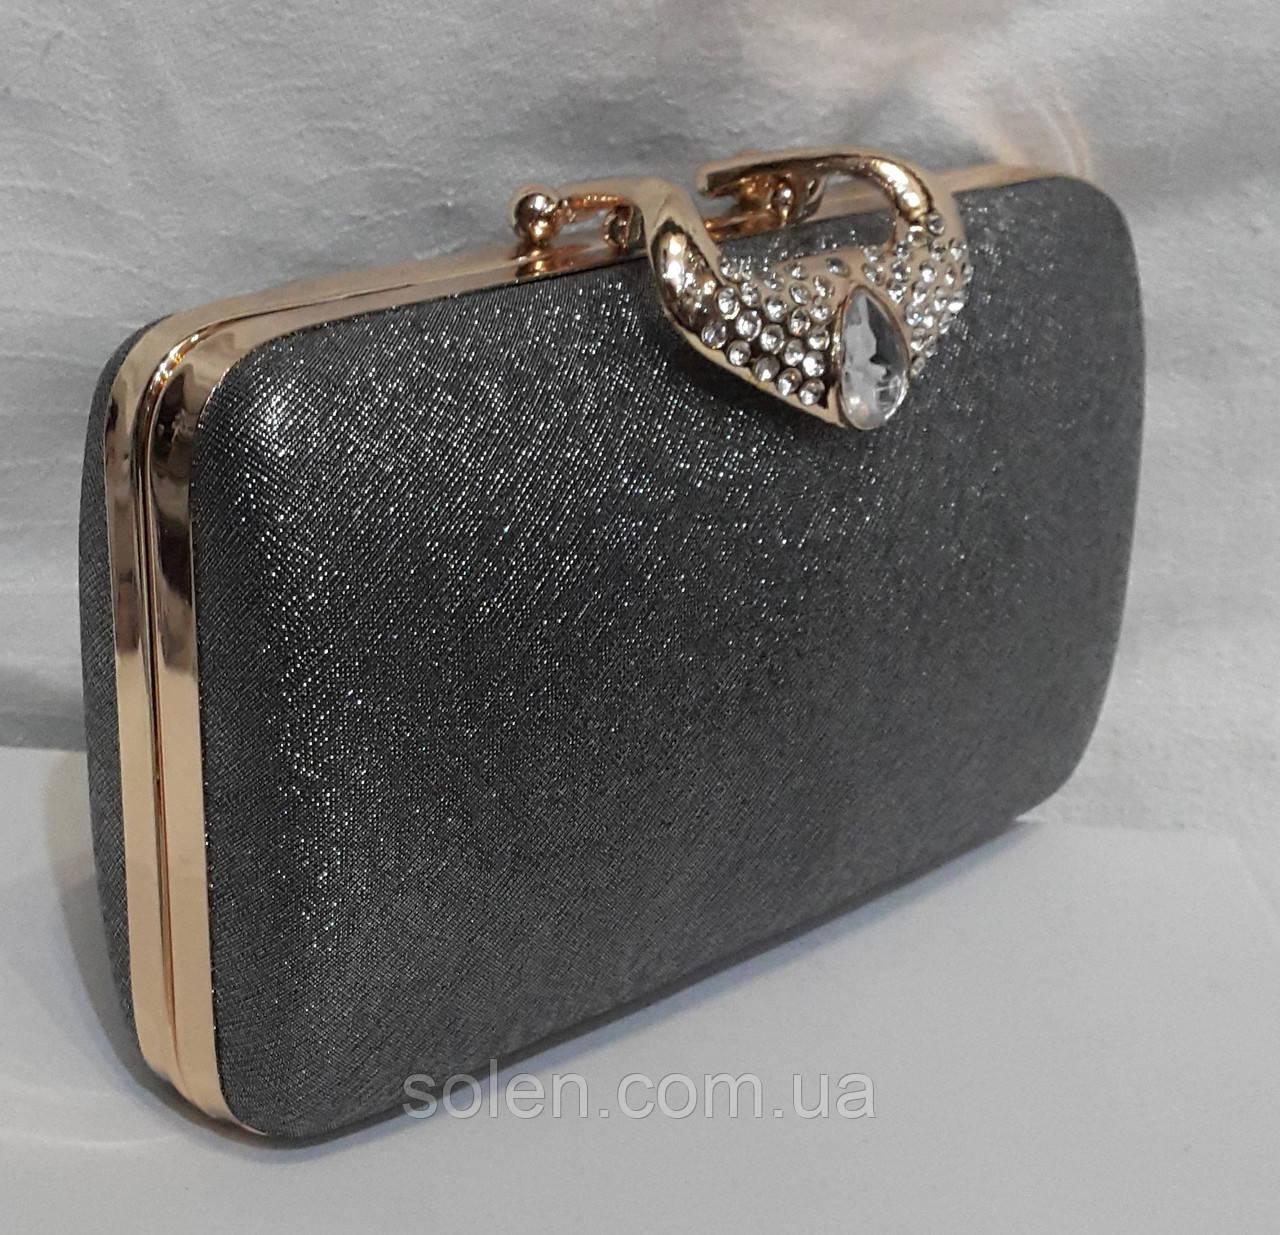 Вечерняя сумочка клатч на цепочке. Вечерний  клатч.